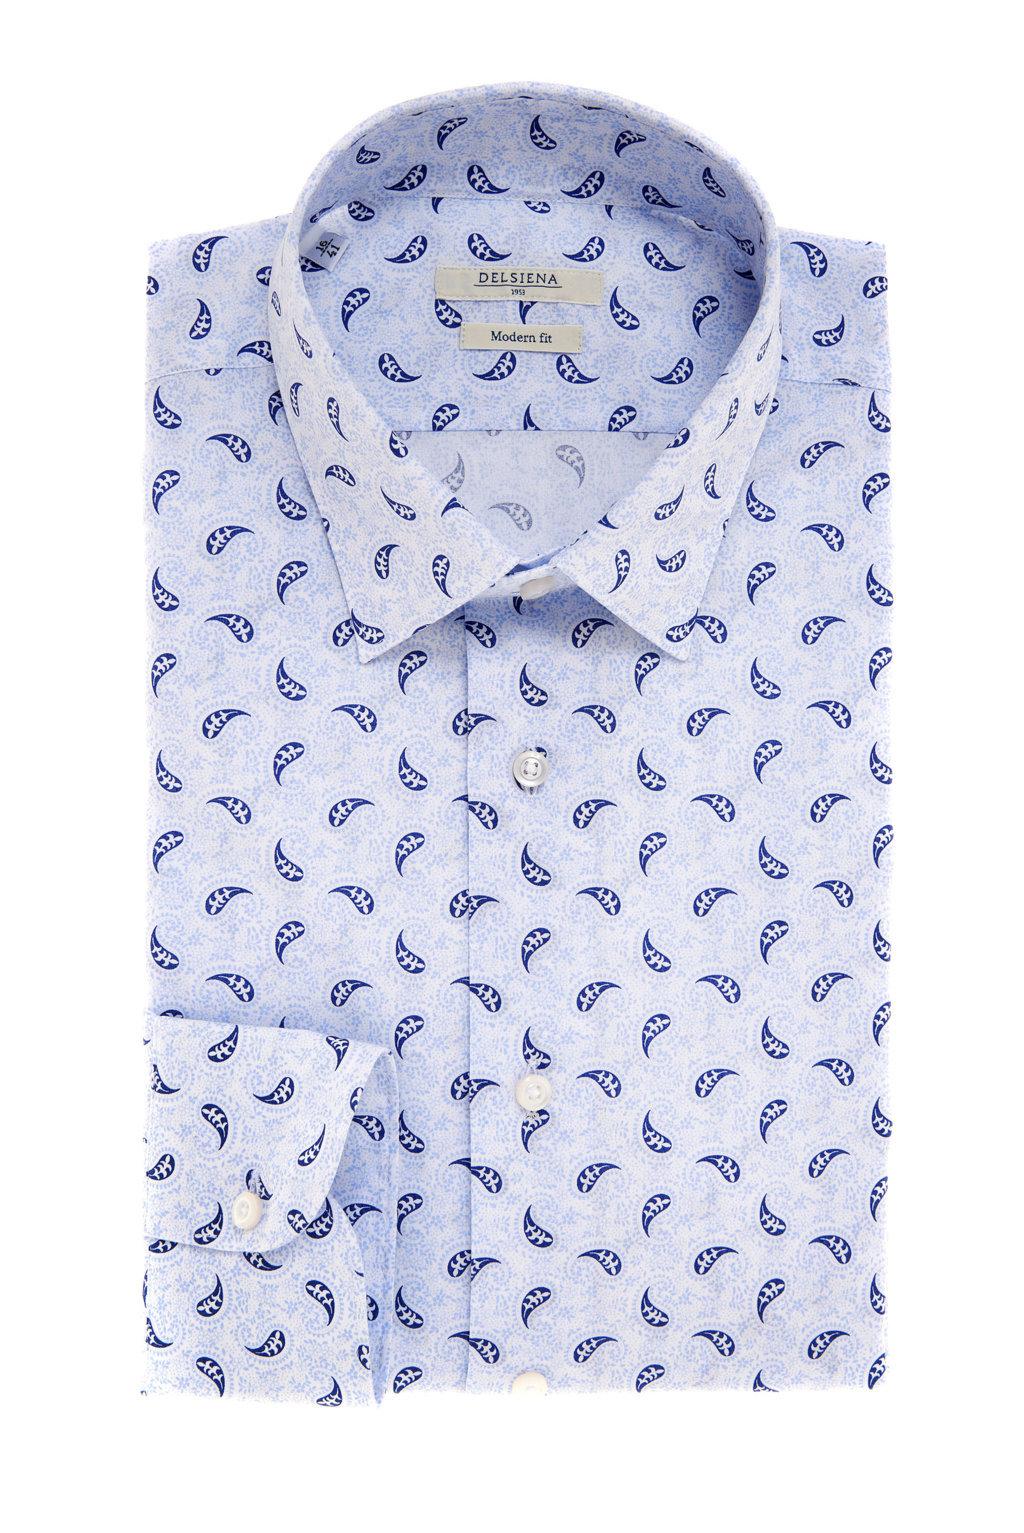 Camicia Delsiena con micro motivo azzurro e blu